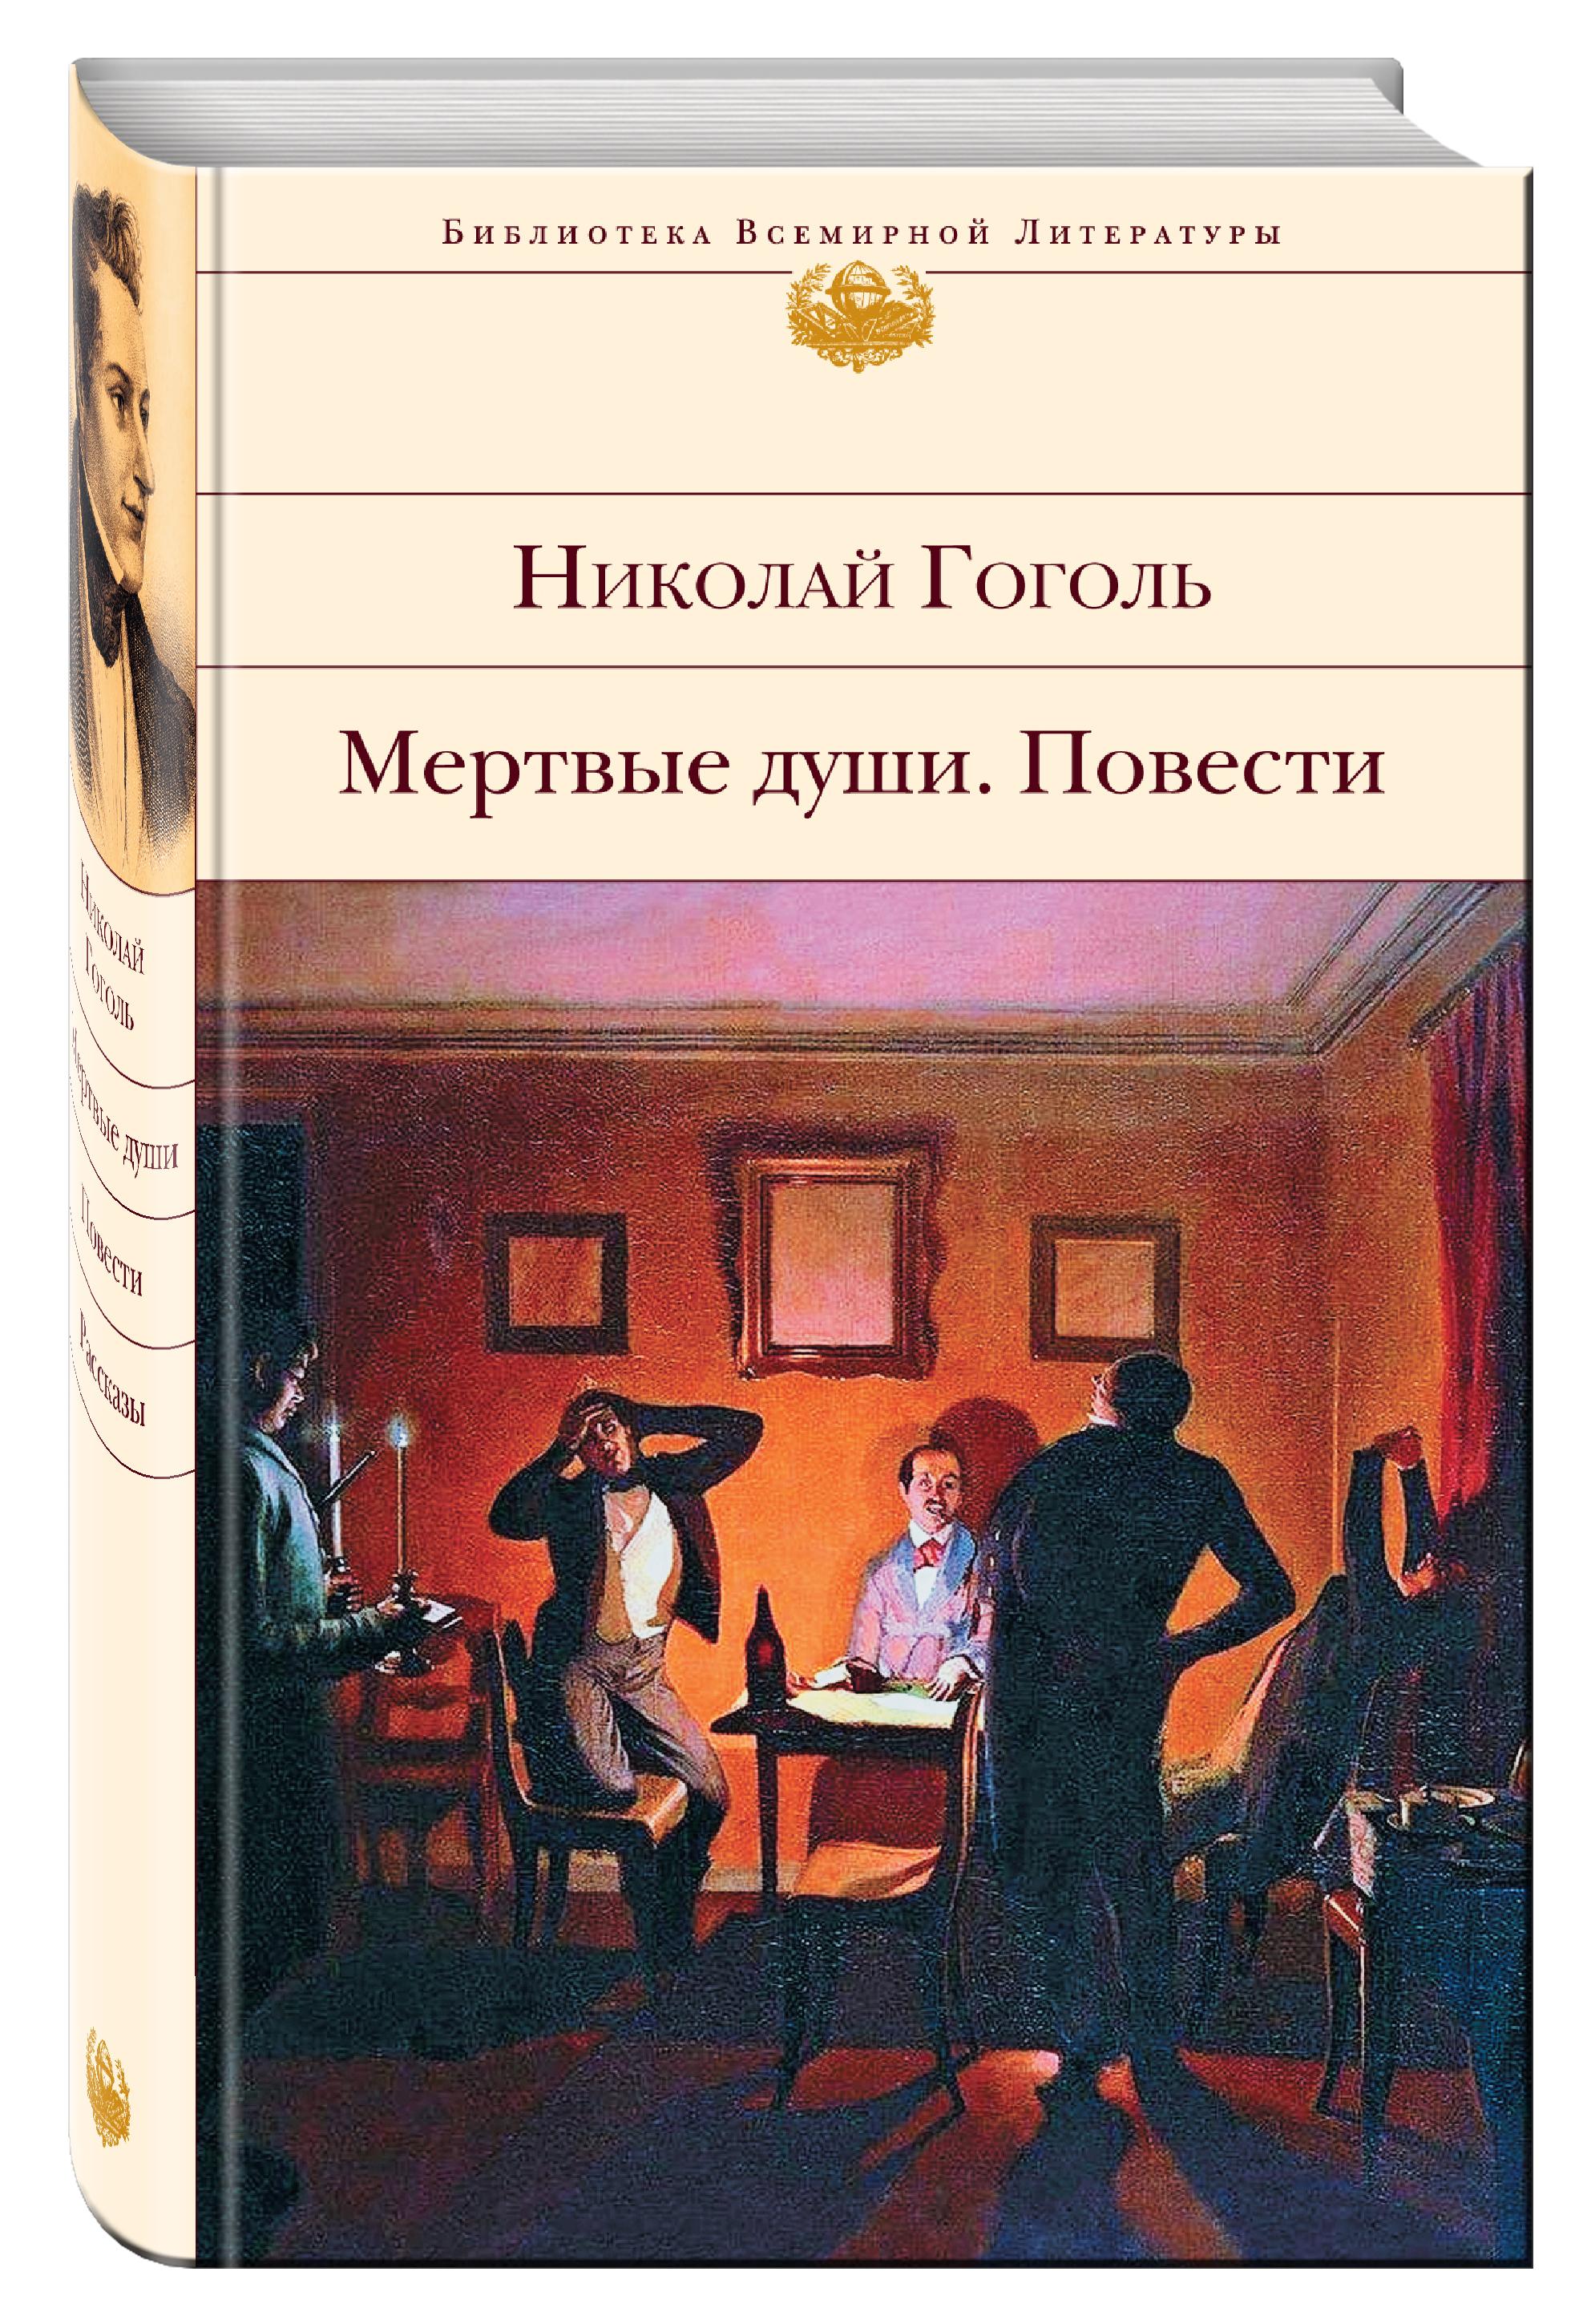 Гоголь Н.В. Мертвые души. Повести